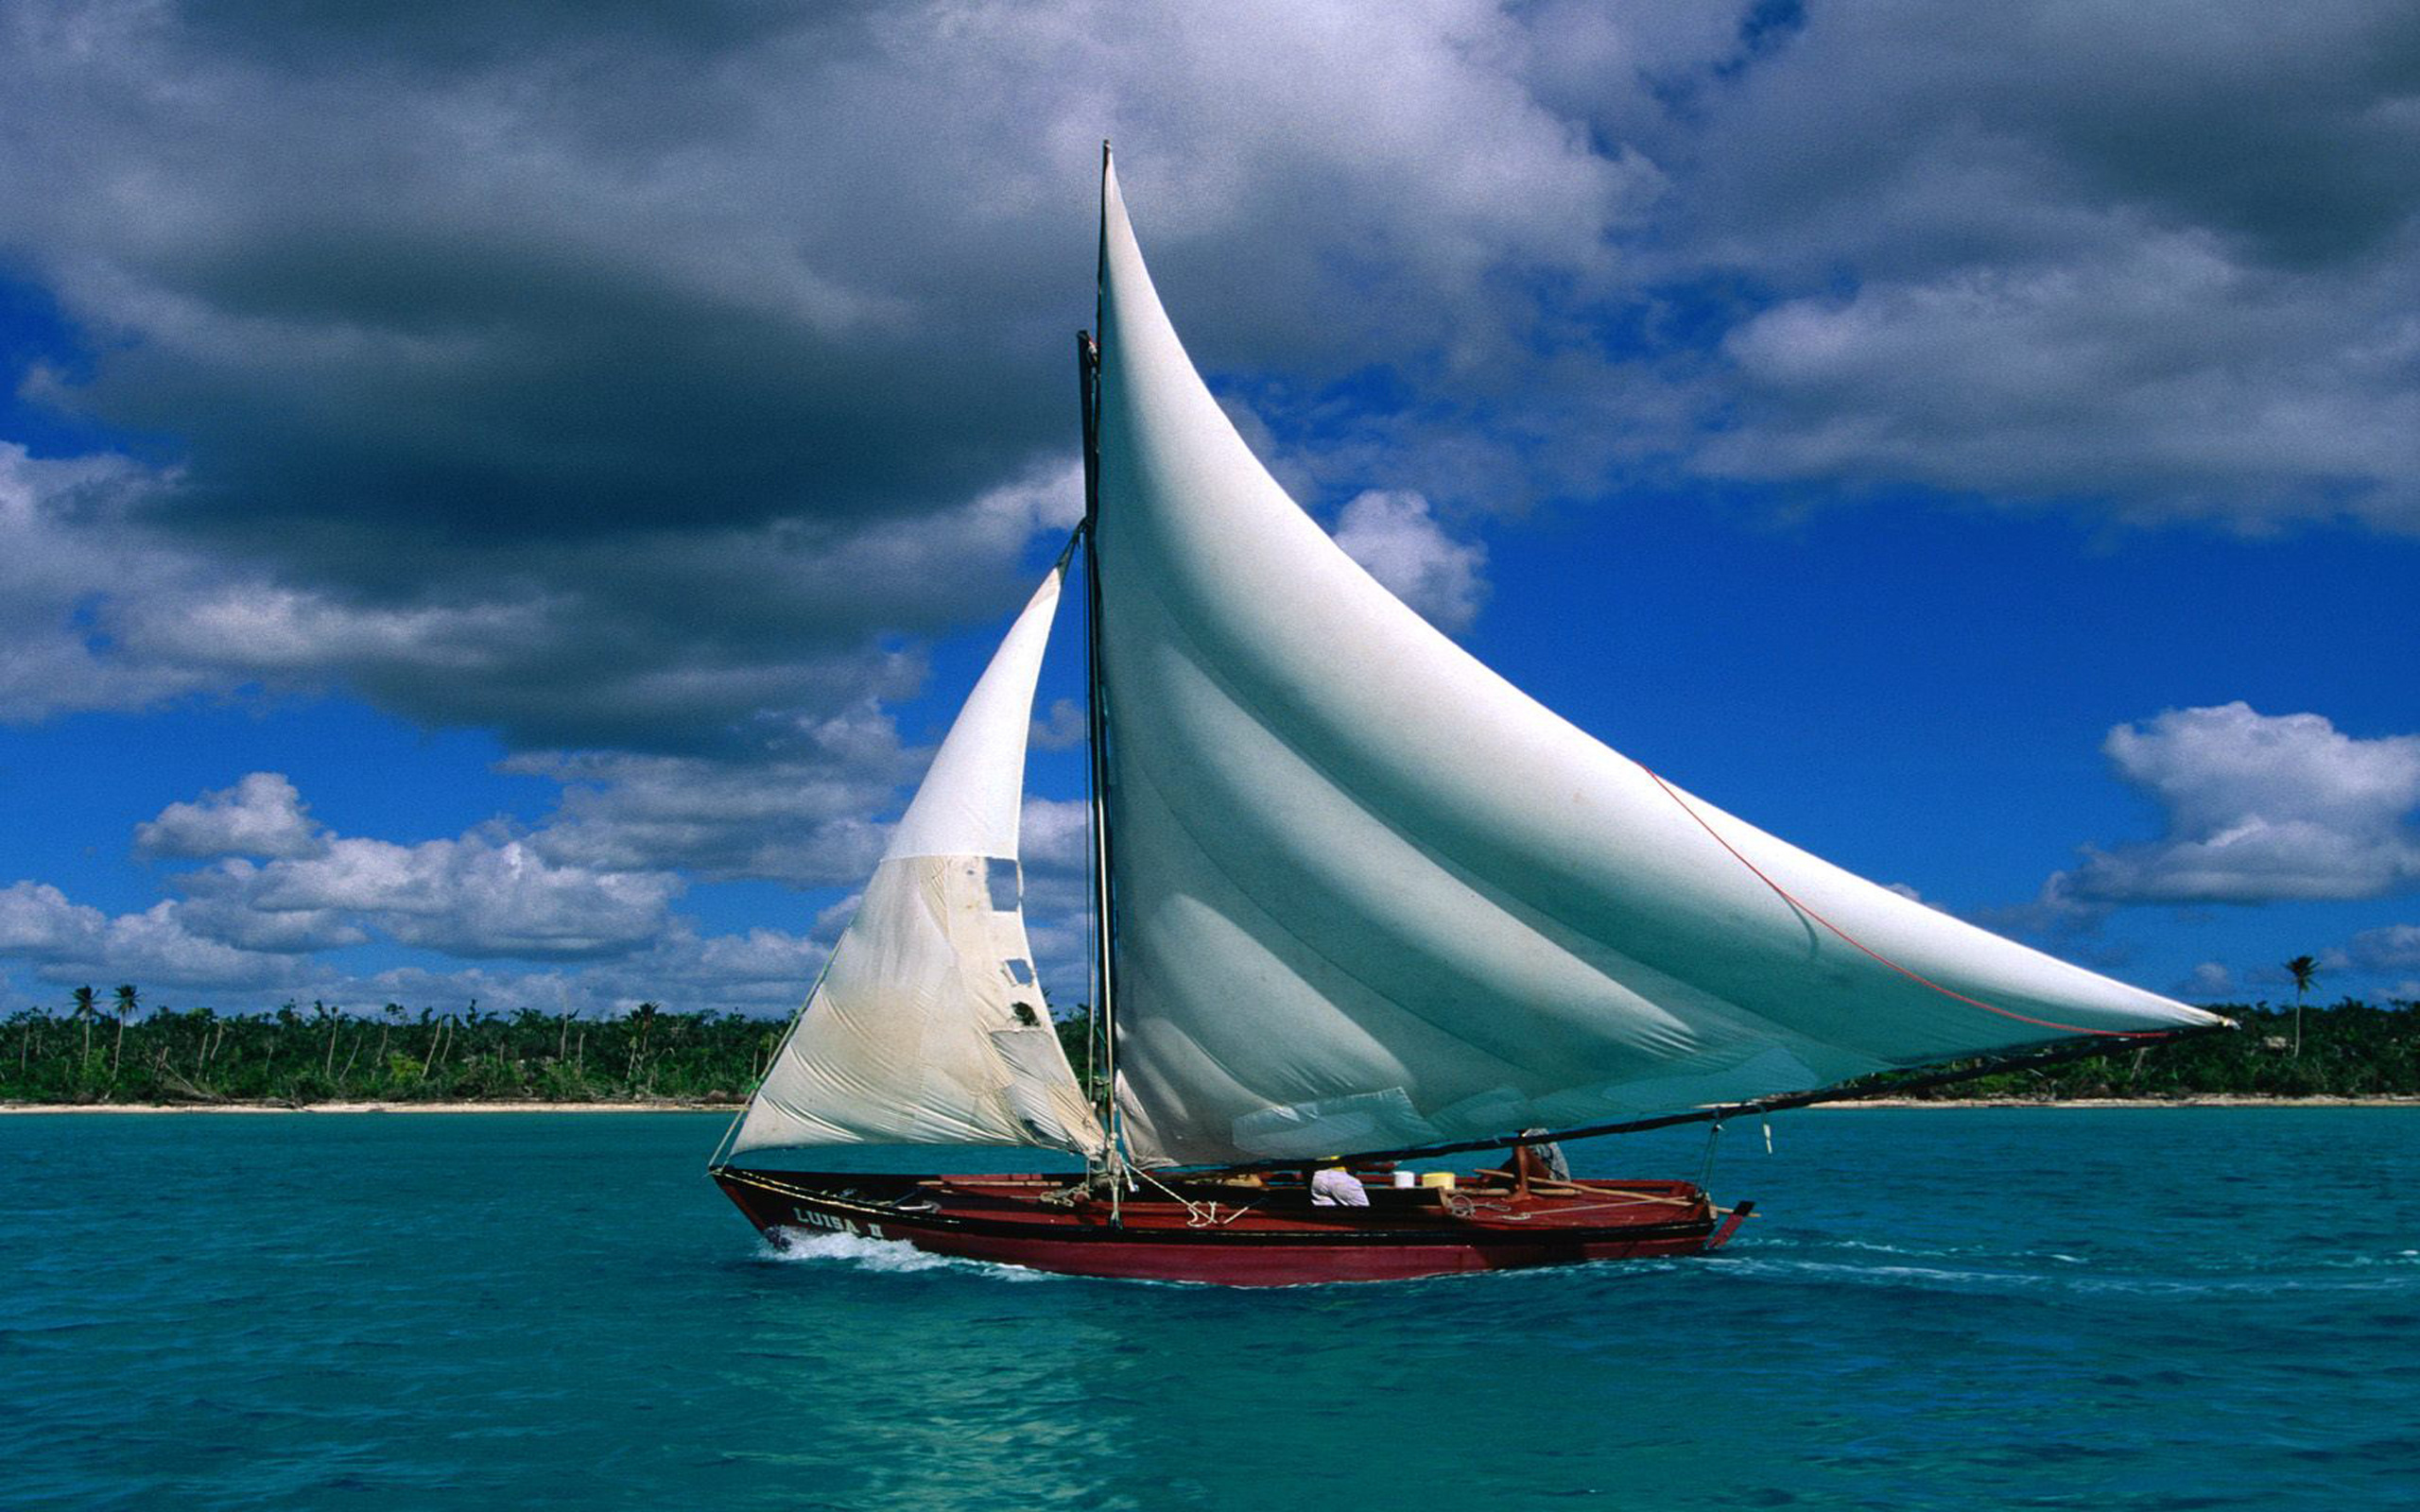 яхта парус море остров  № 3944540 бесплатно